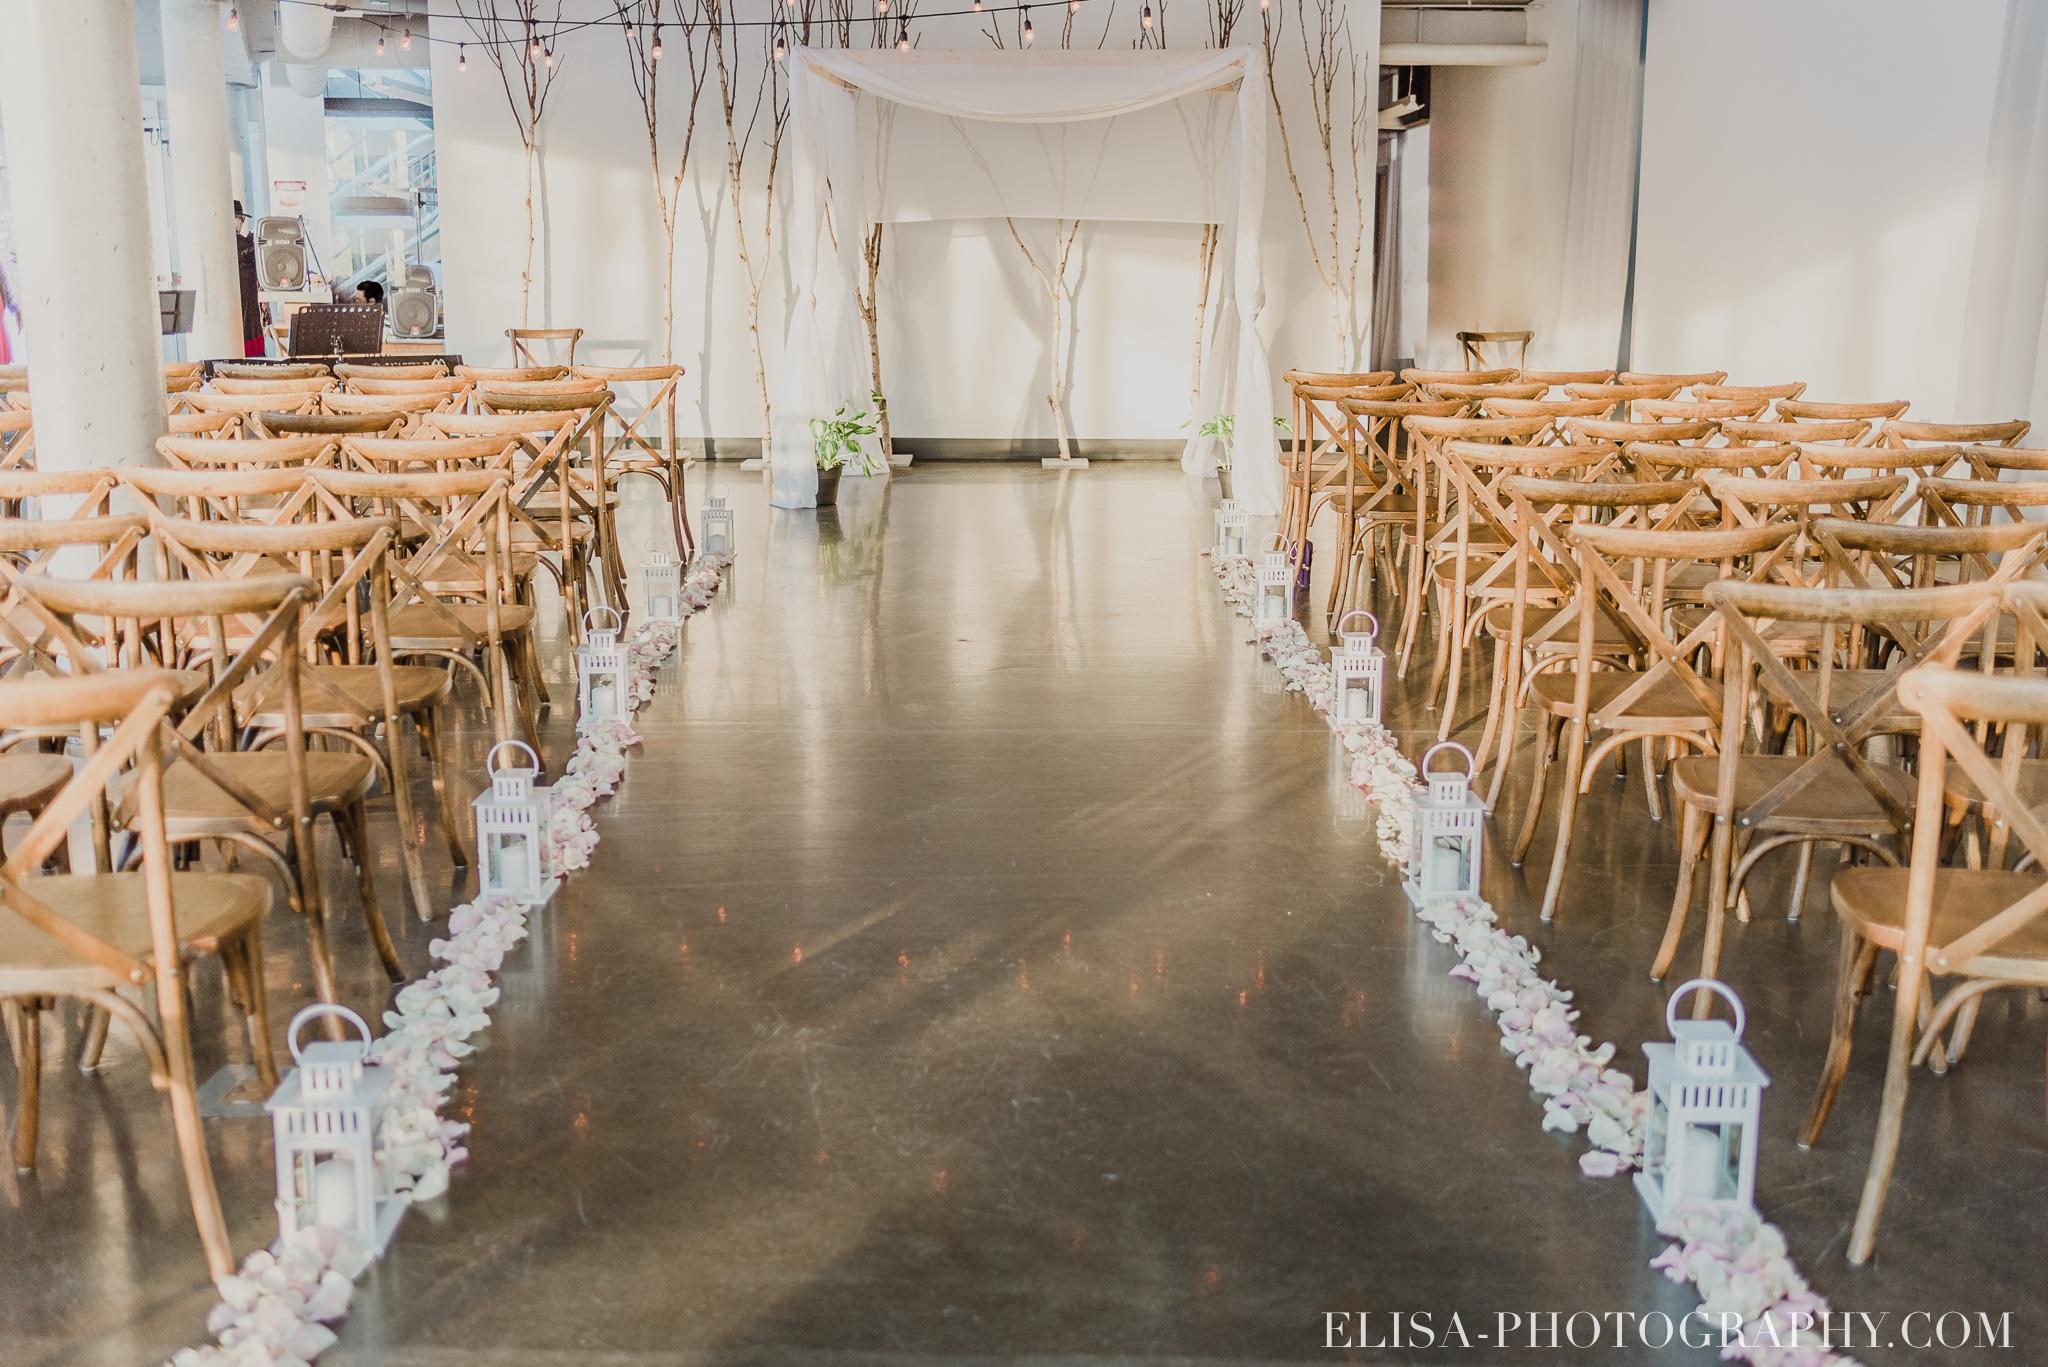 photo mariage quai cap blanc quebec ceremonie lanterne petales rose 2873 - Un chaleureux mariage hivernal à la salle du Quai du Cap Blanc, Québec